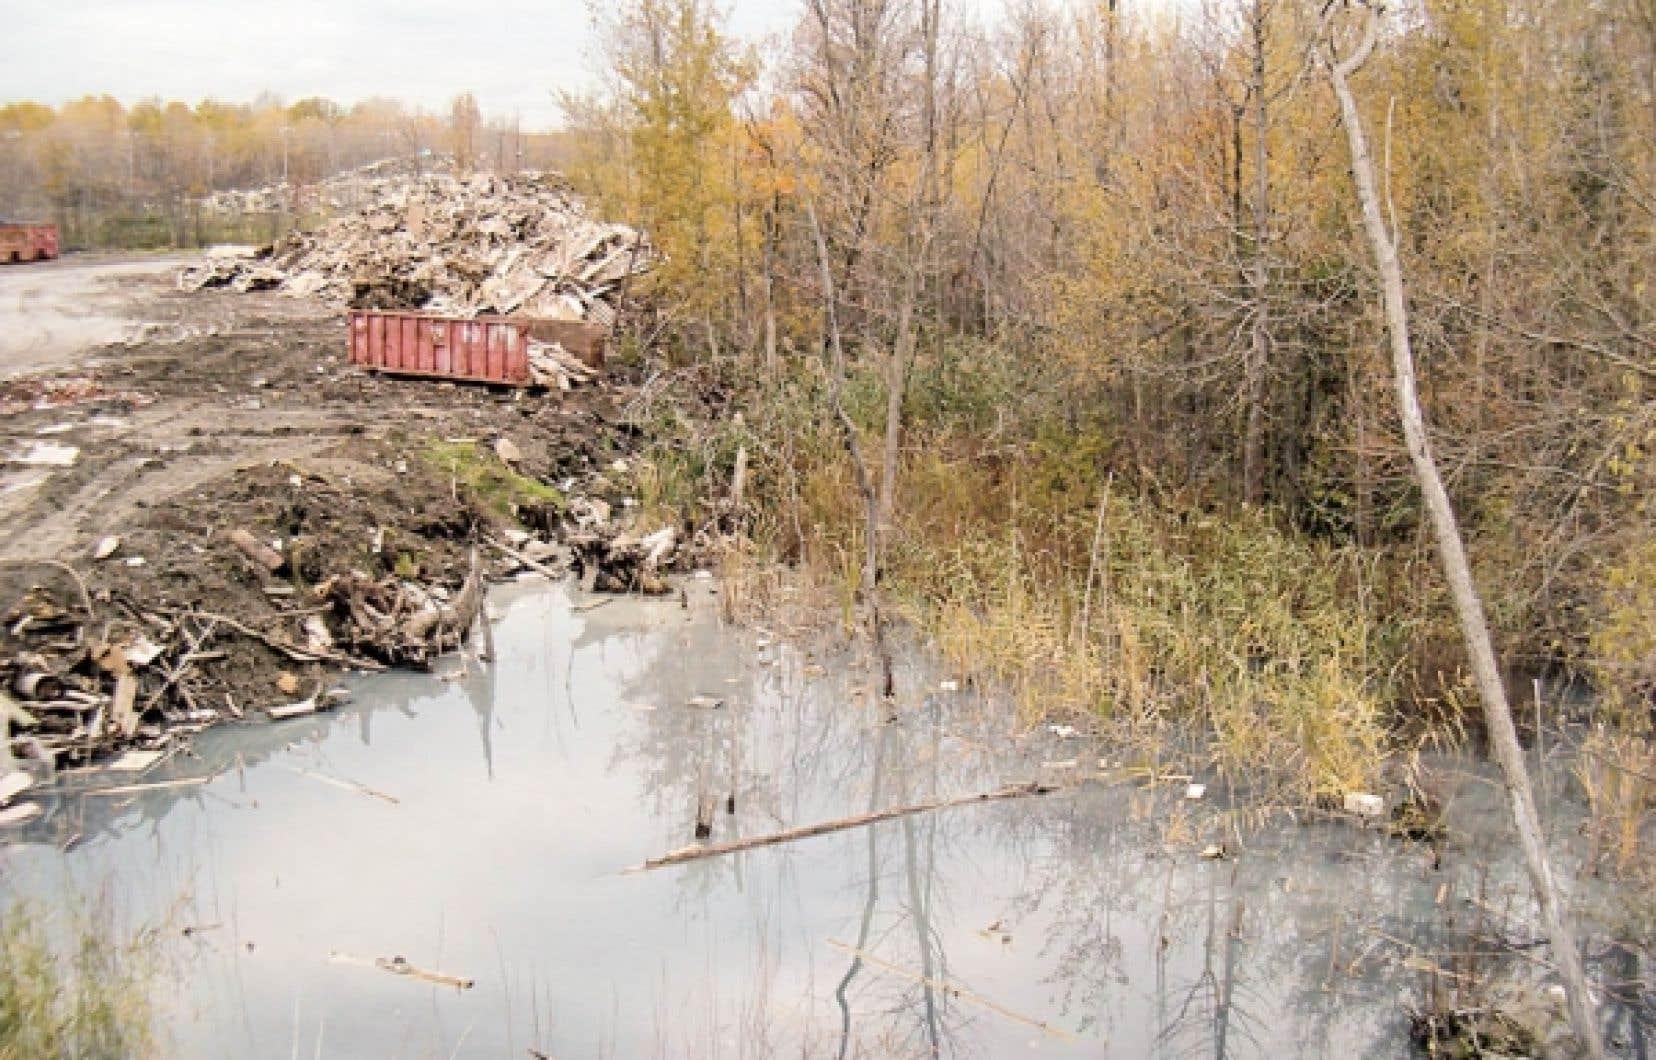 Des milieux humides sont parfois — trop souvent — remblayés pour faire place à de nouvelles constructions domiciliaires, ou encore ils deviennent l'extension de dépotoirs.